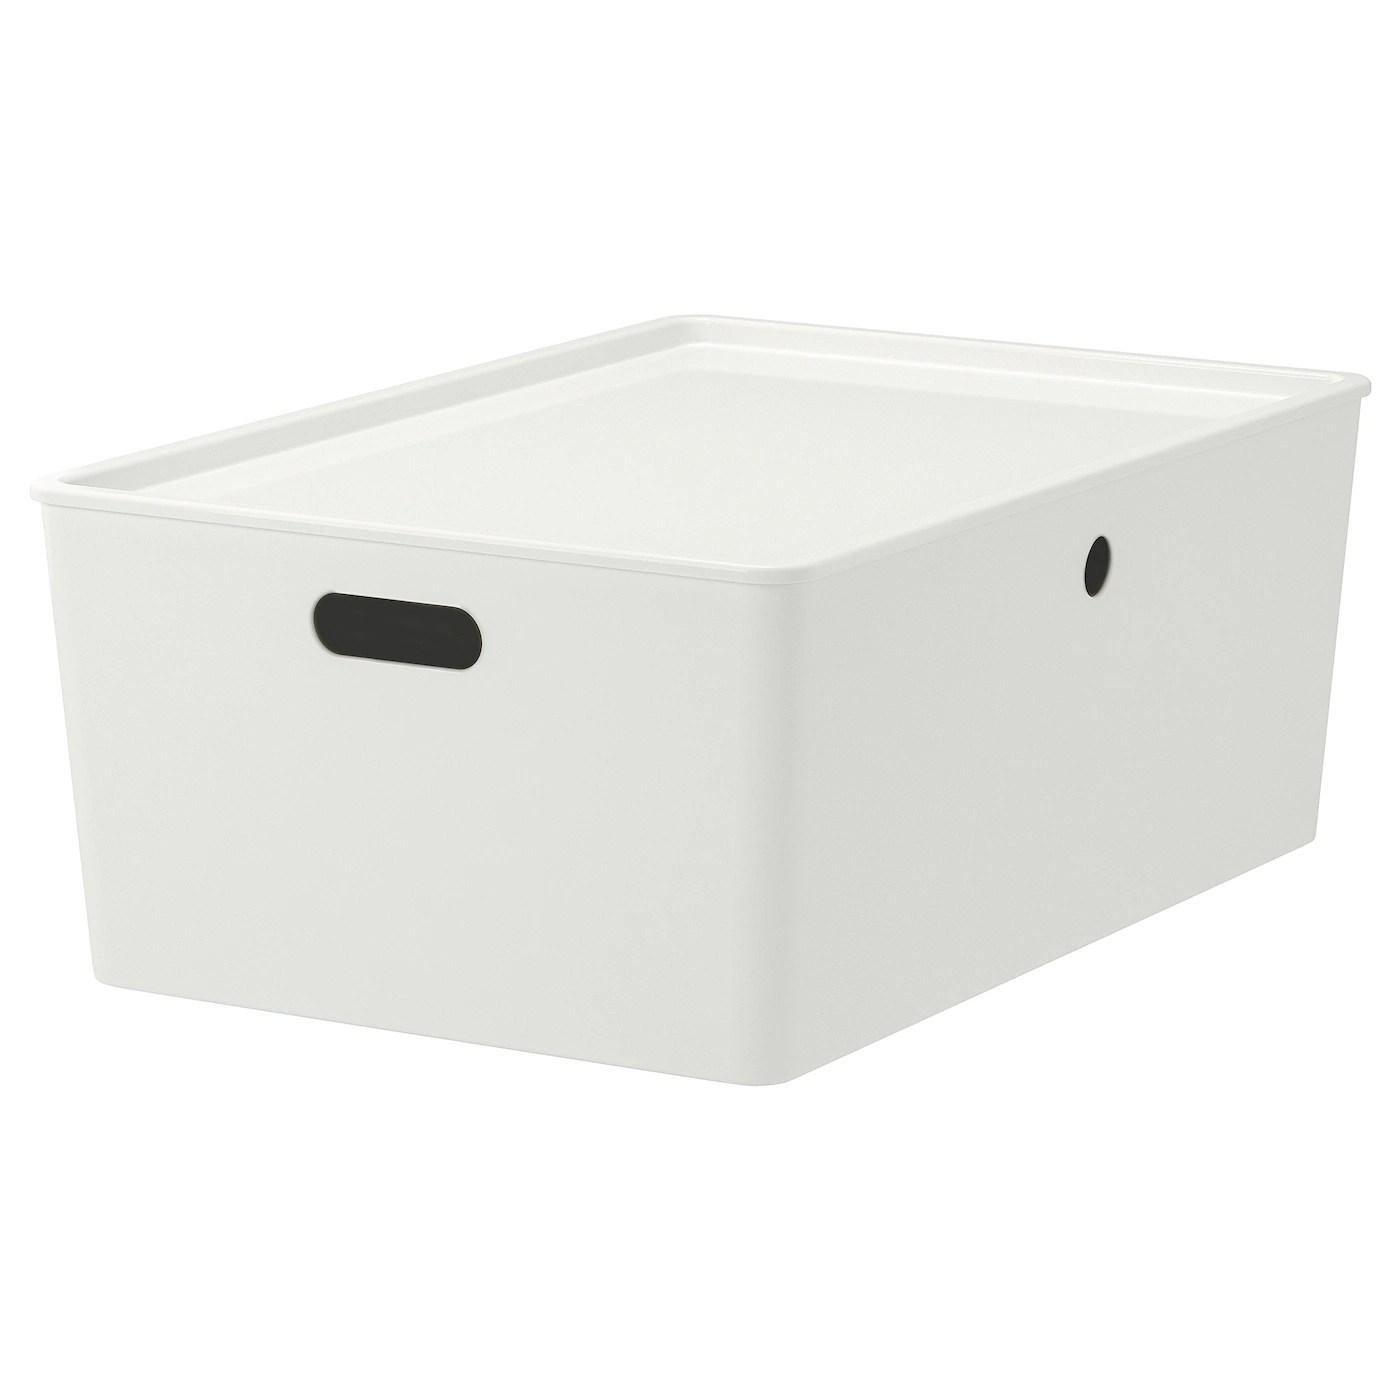 Kuggis Boite Avec Couvercle Blanc Achetez En Ligne Ou En Magasin Ikea